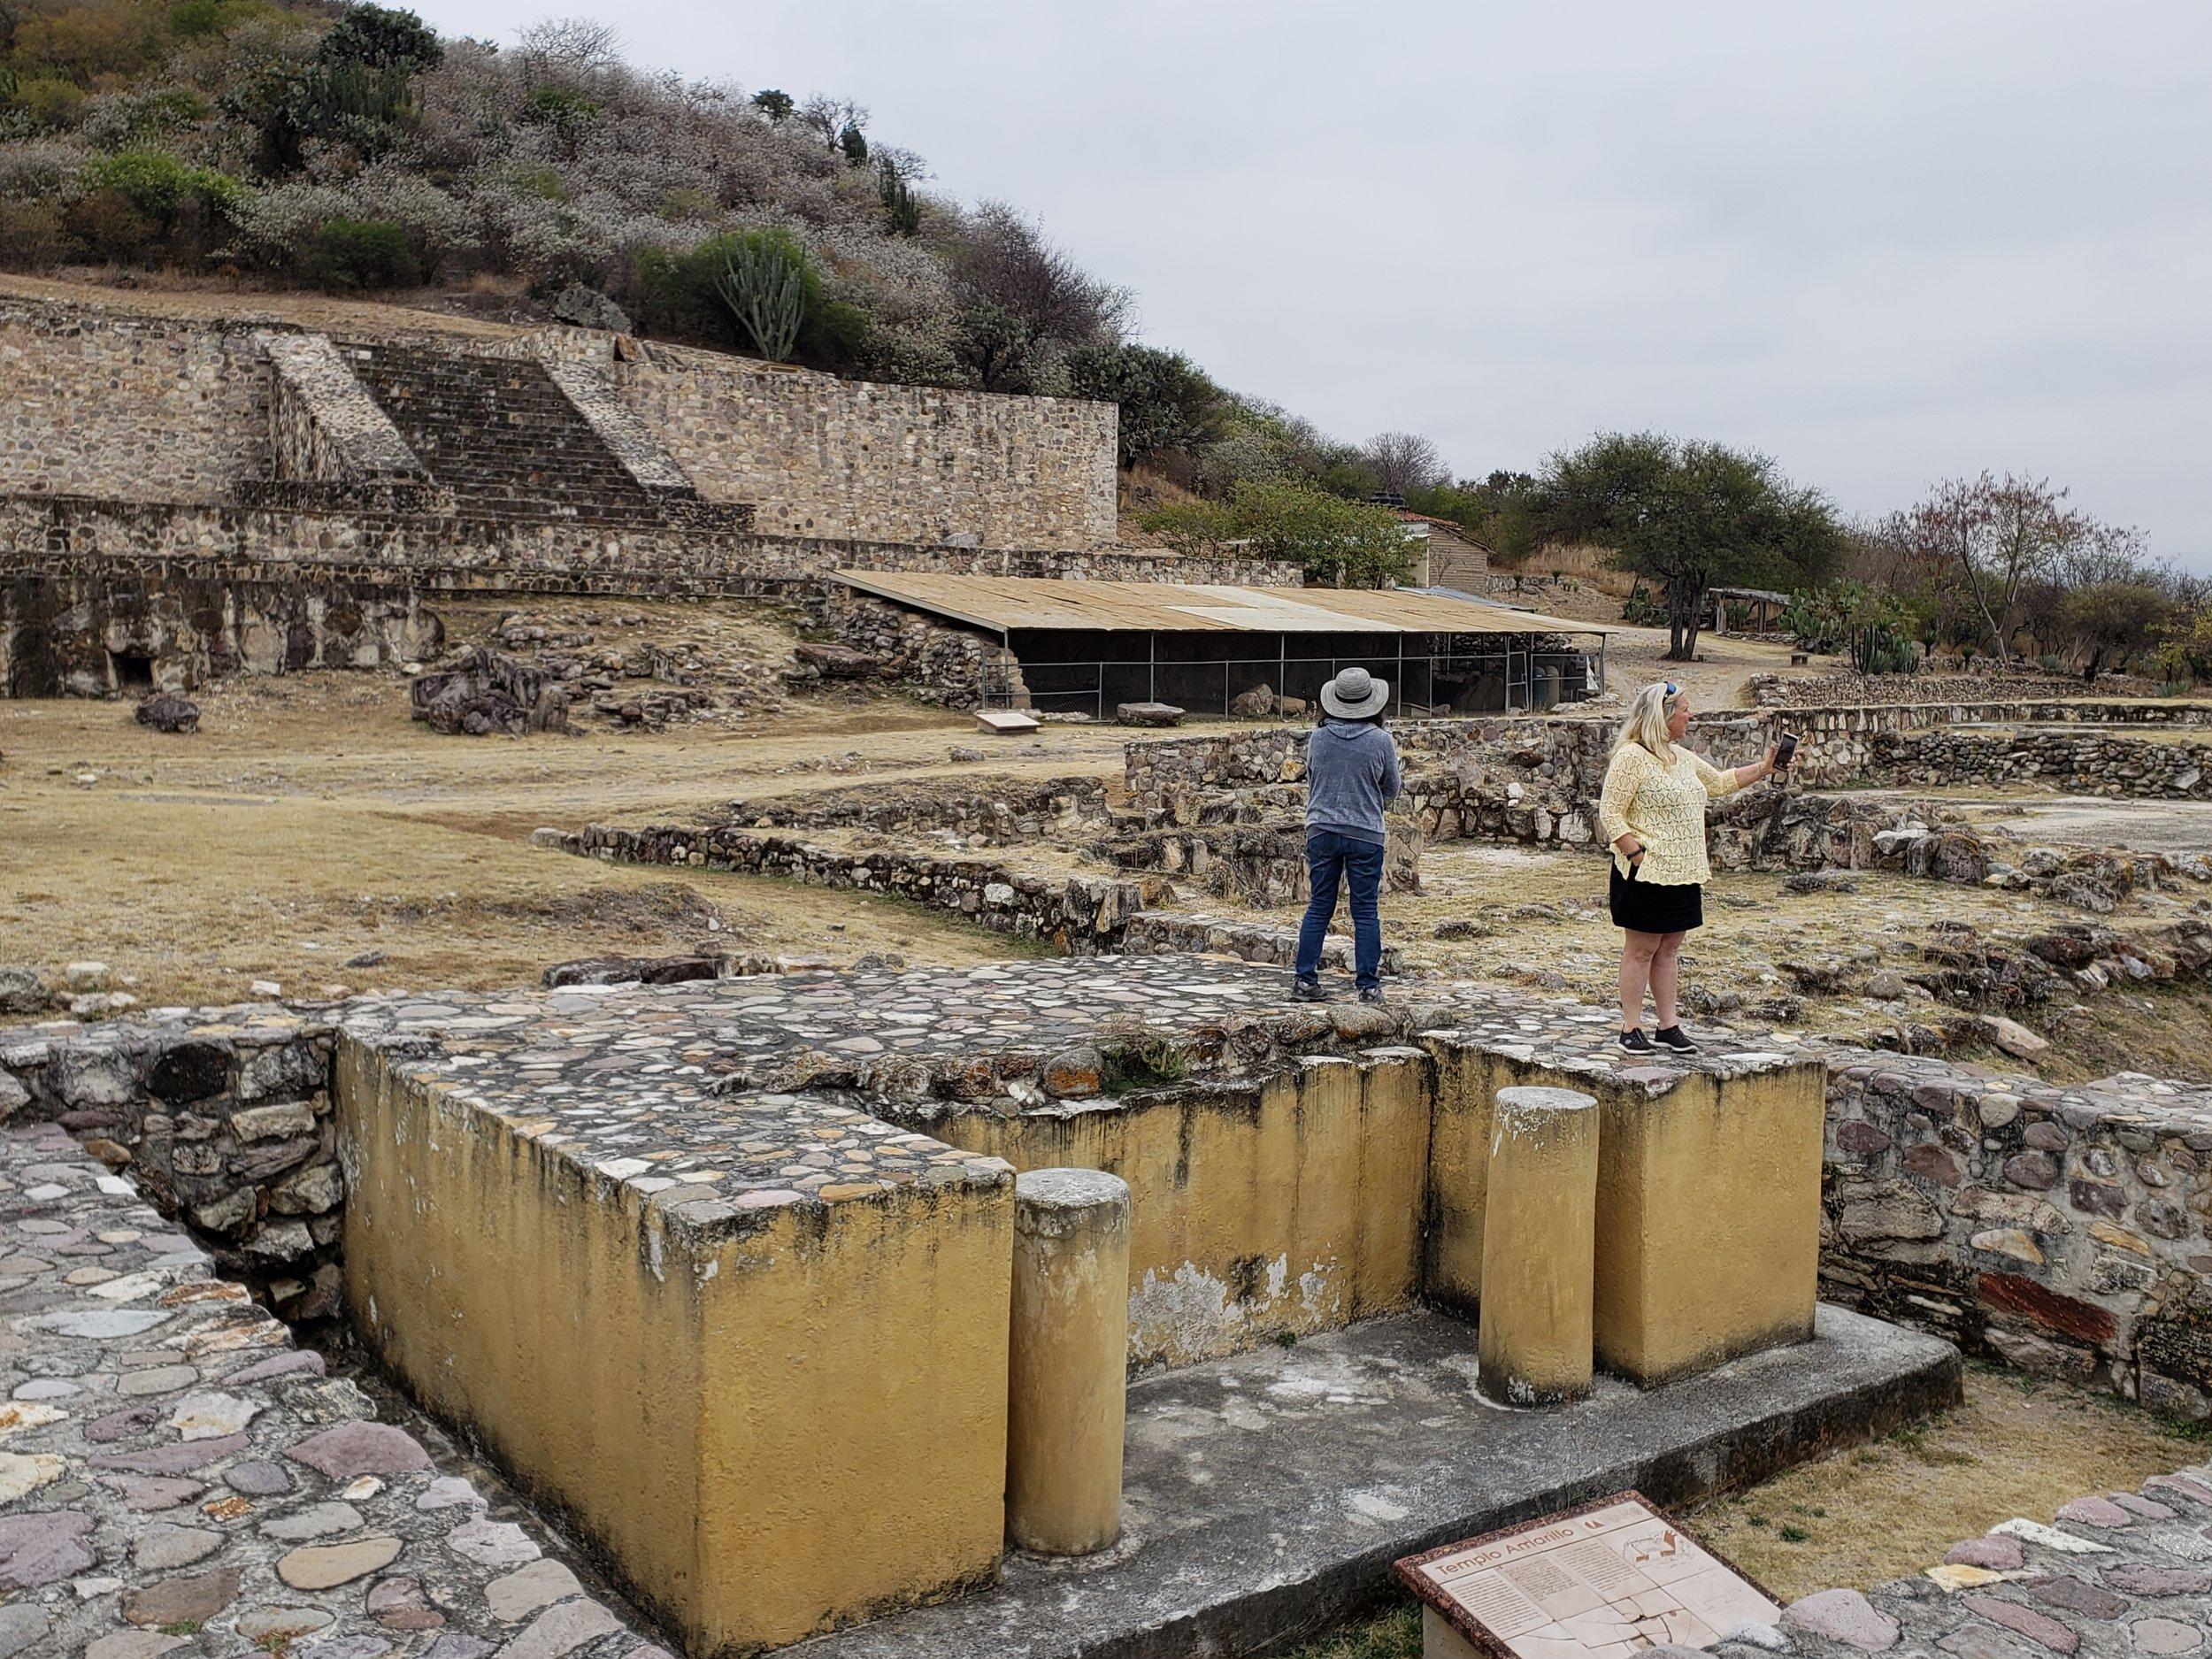 Ruins outside of Oaxaca